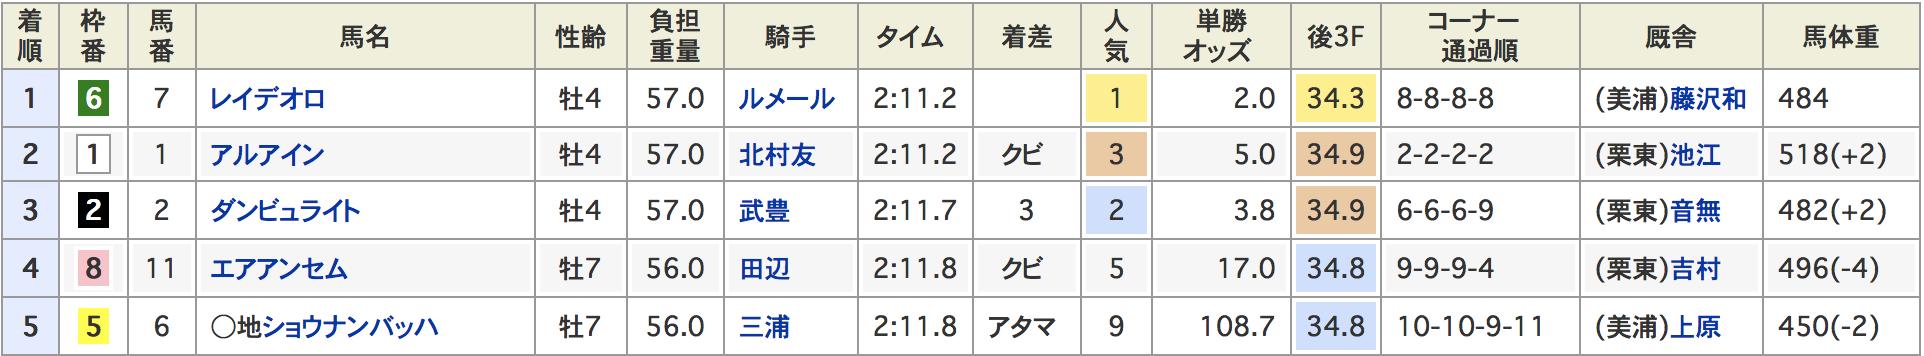 天皇賞秋2018オールカマー結果